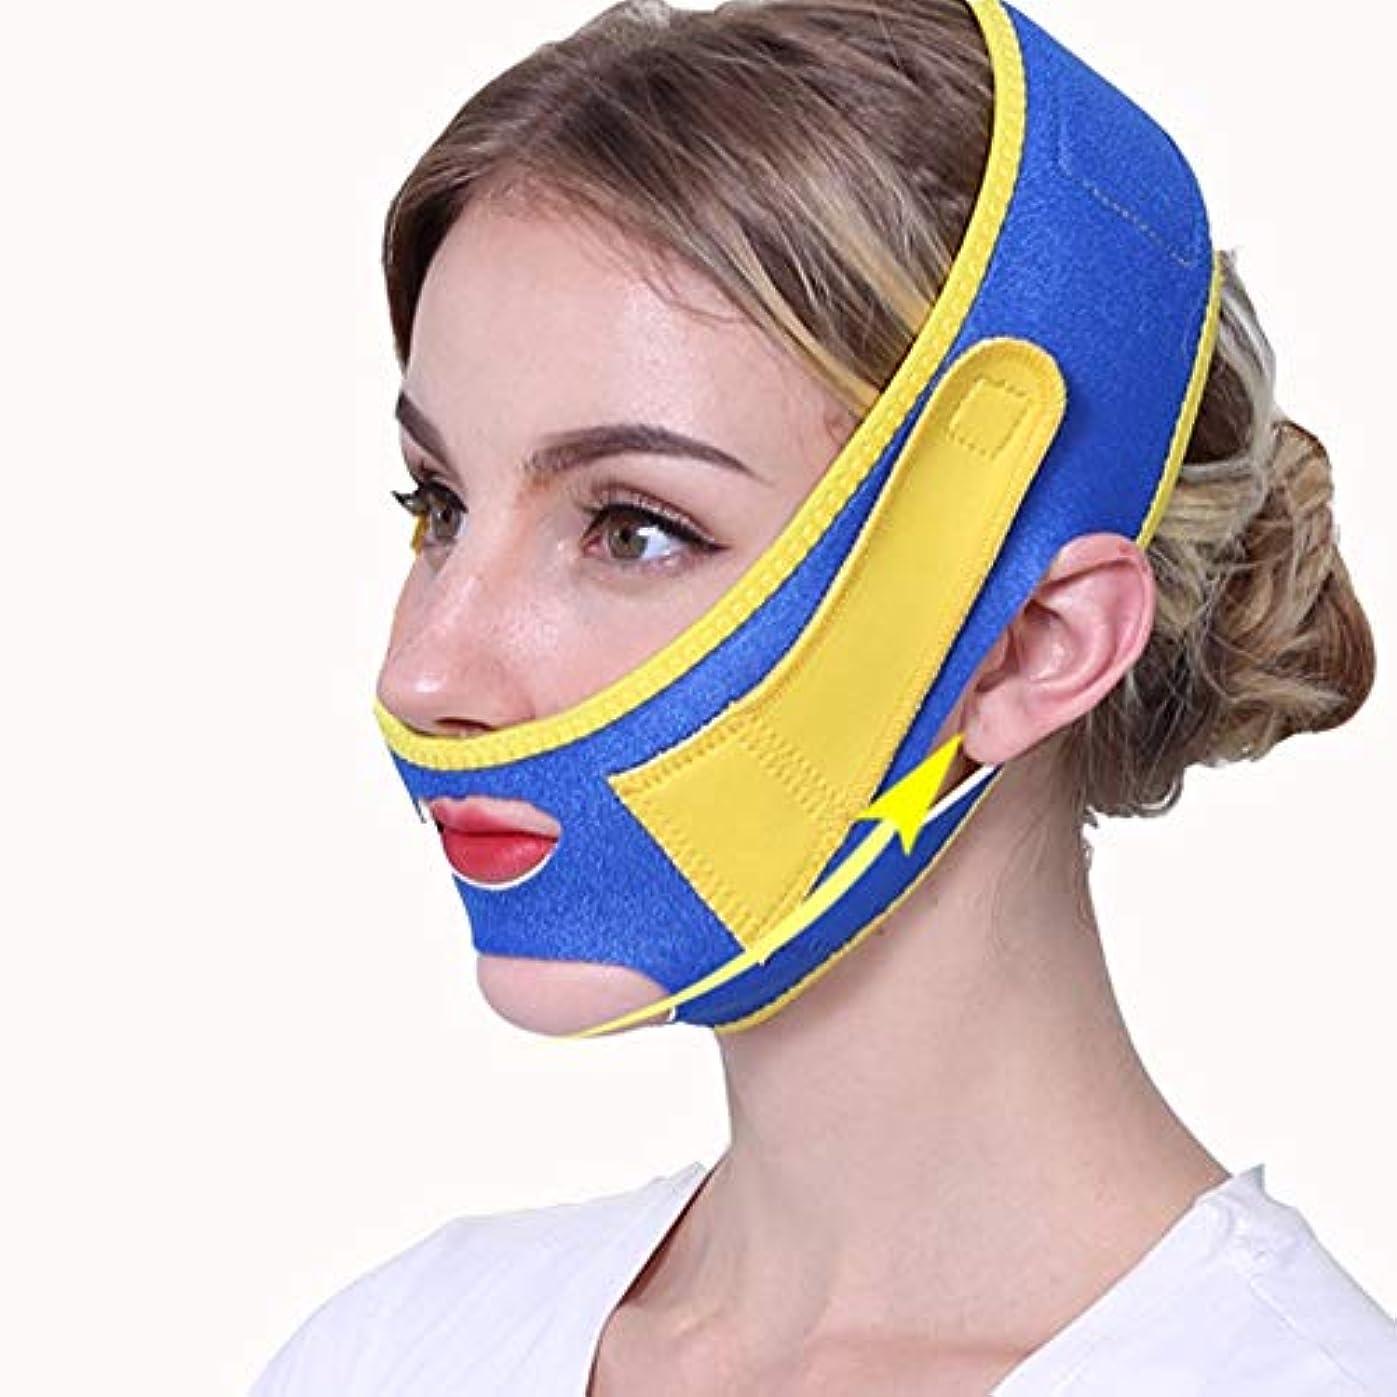 アサートポーンセマフォBS フェイシャルリフティング痩身ベルトフェイス包帯マスク整形マスクフェイスベルトを引き締める薄型フェイス包帯整形マスクフェイスと首の顔を引き締めスリム フェイスリフティングアーティファクト